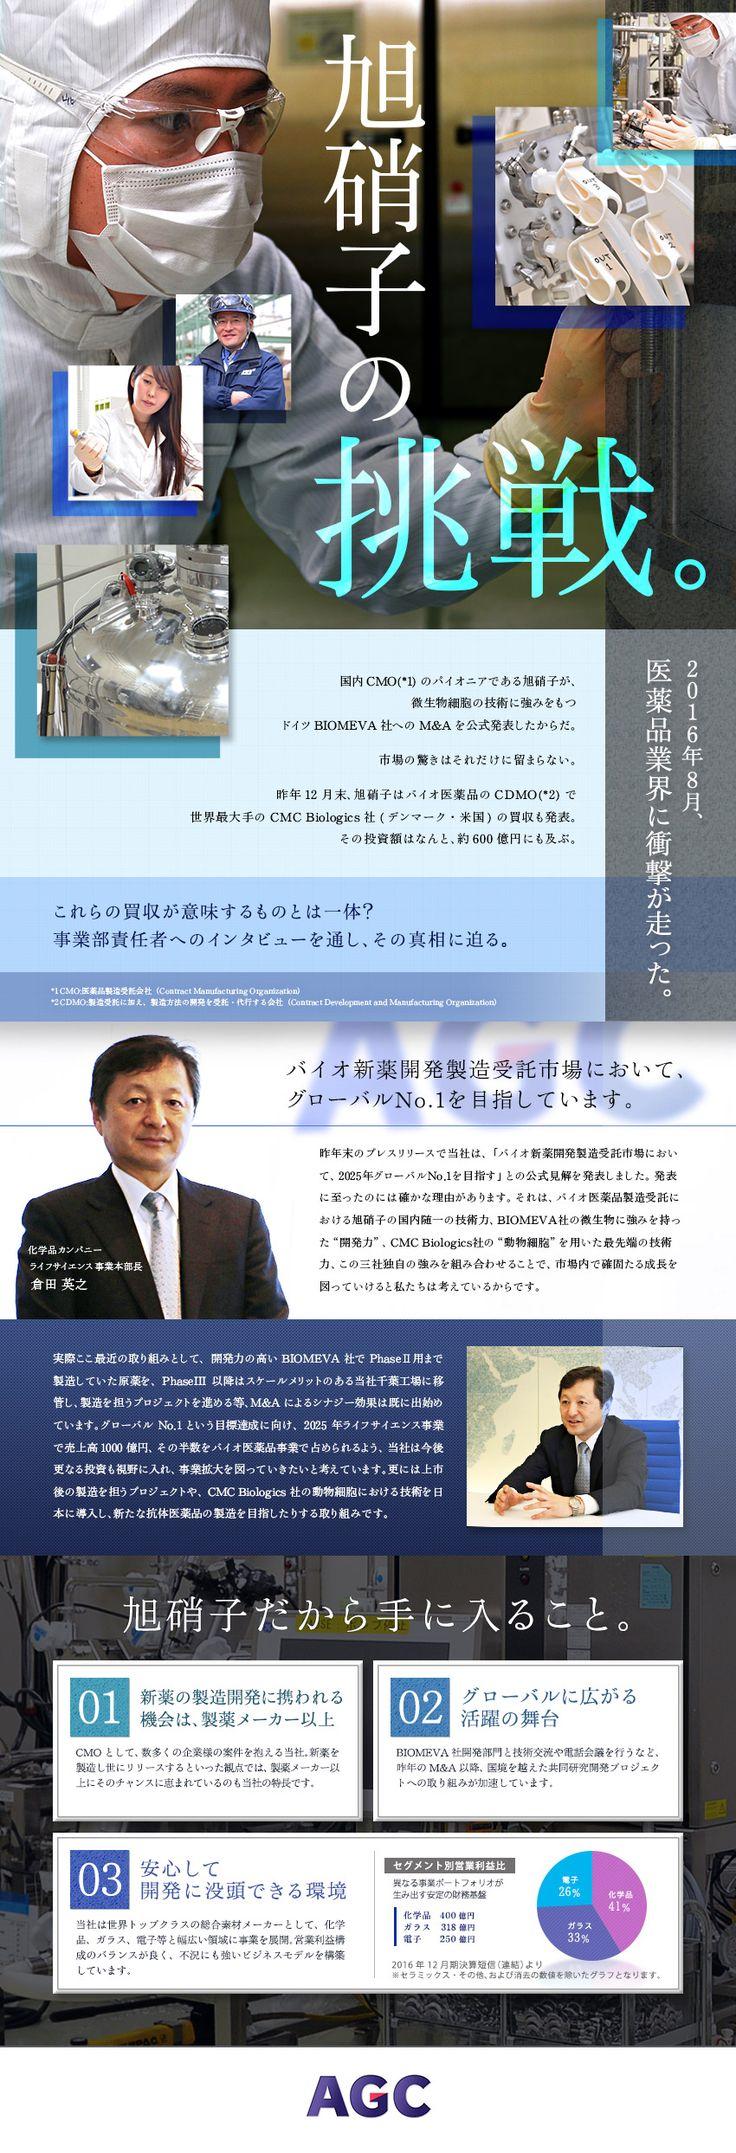 旭硝子株式会社(東証一部上場)/バイオ医薬品の製造、プロセス開発、品質保証・品質管理 ◎年間休日日数123日の求人PR - 転職ならDODA(デューダ)